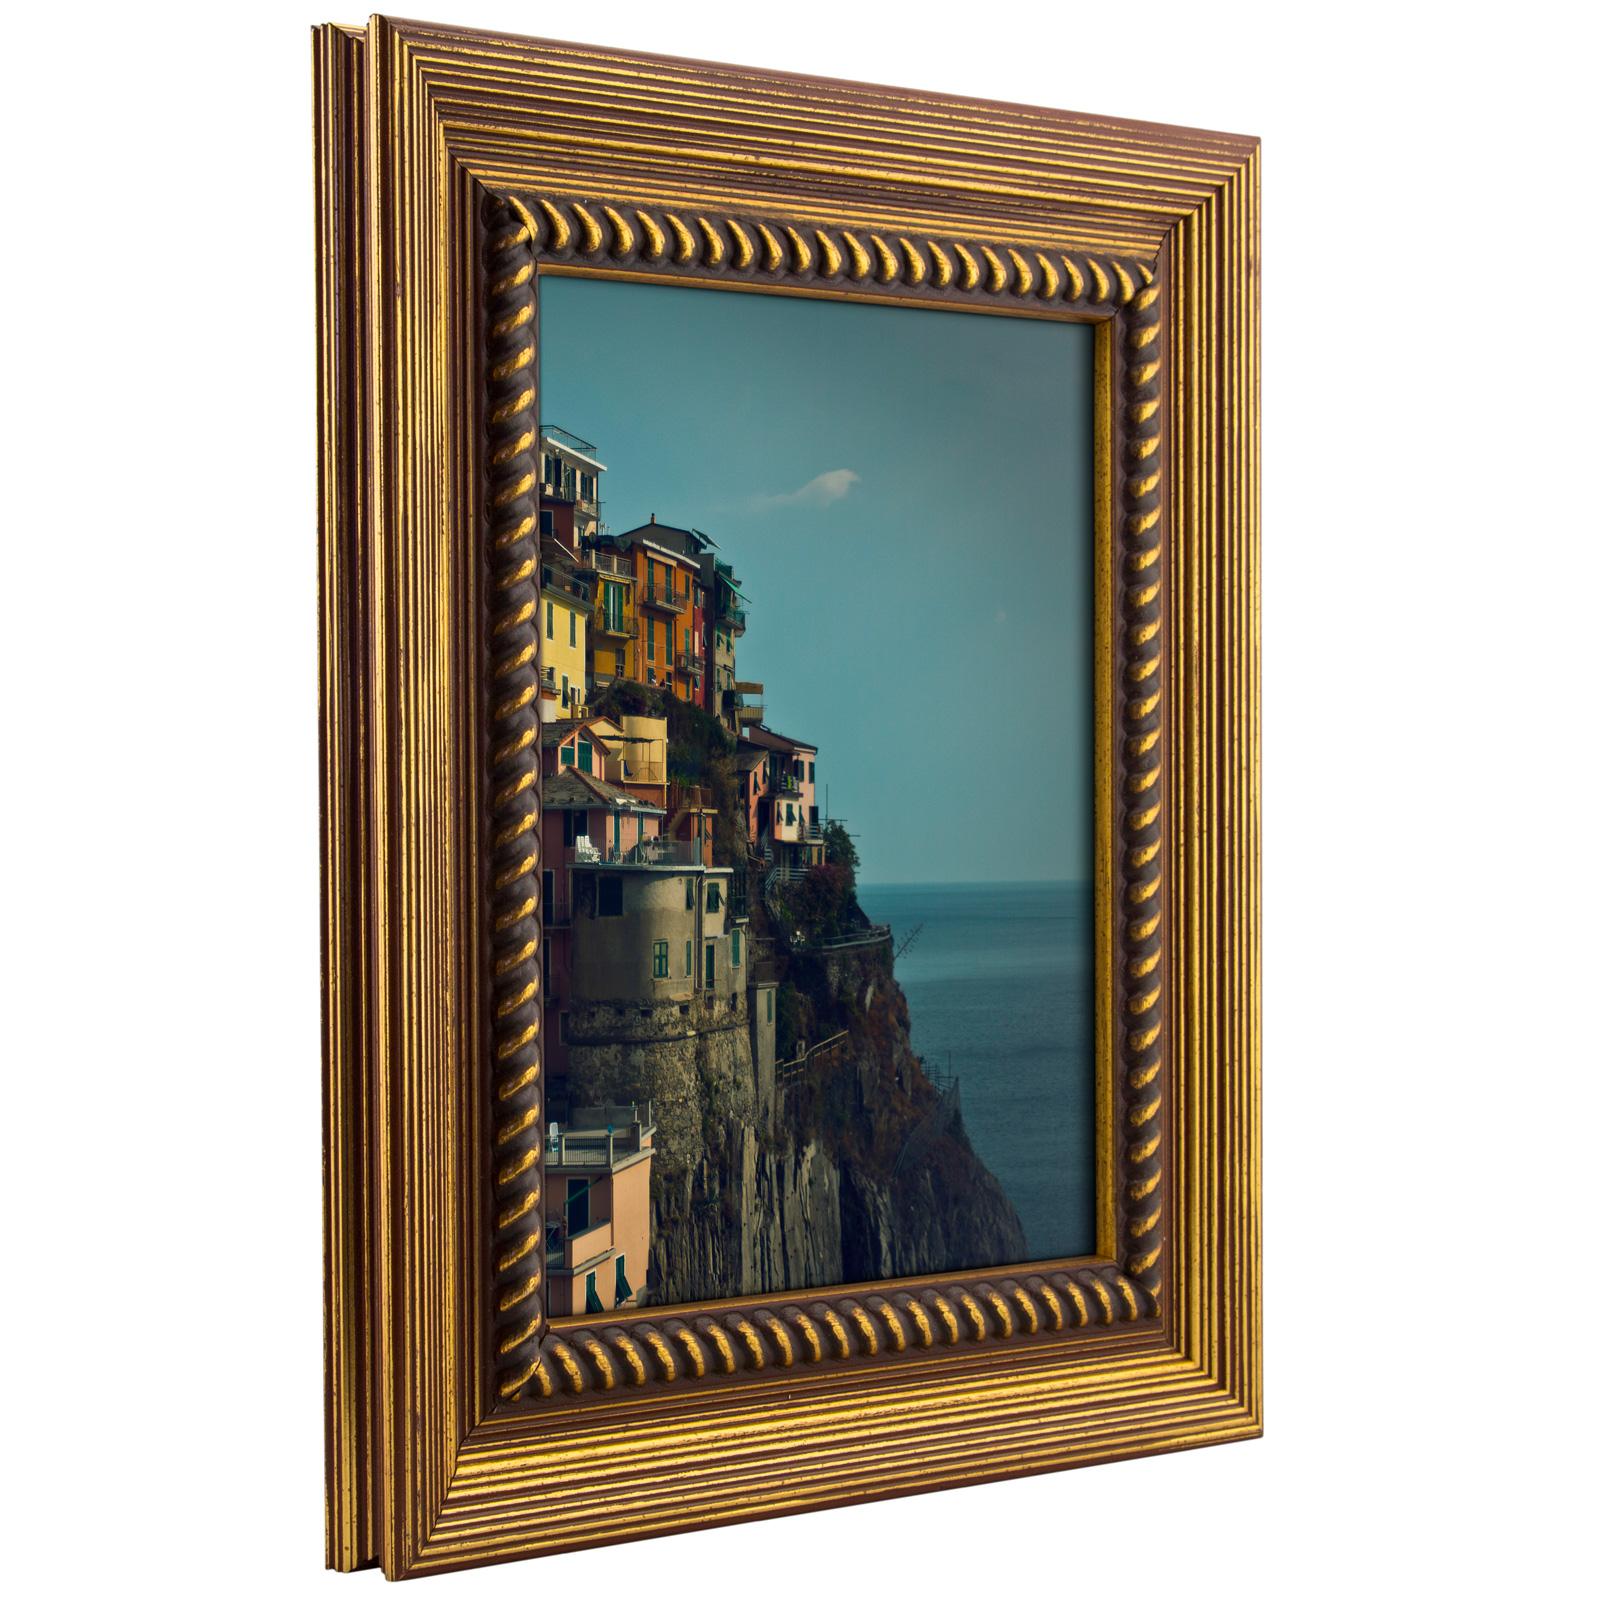 Craig Frames Inc Barnwood Ornate Picture Frame (77845)